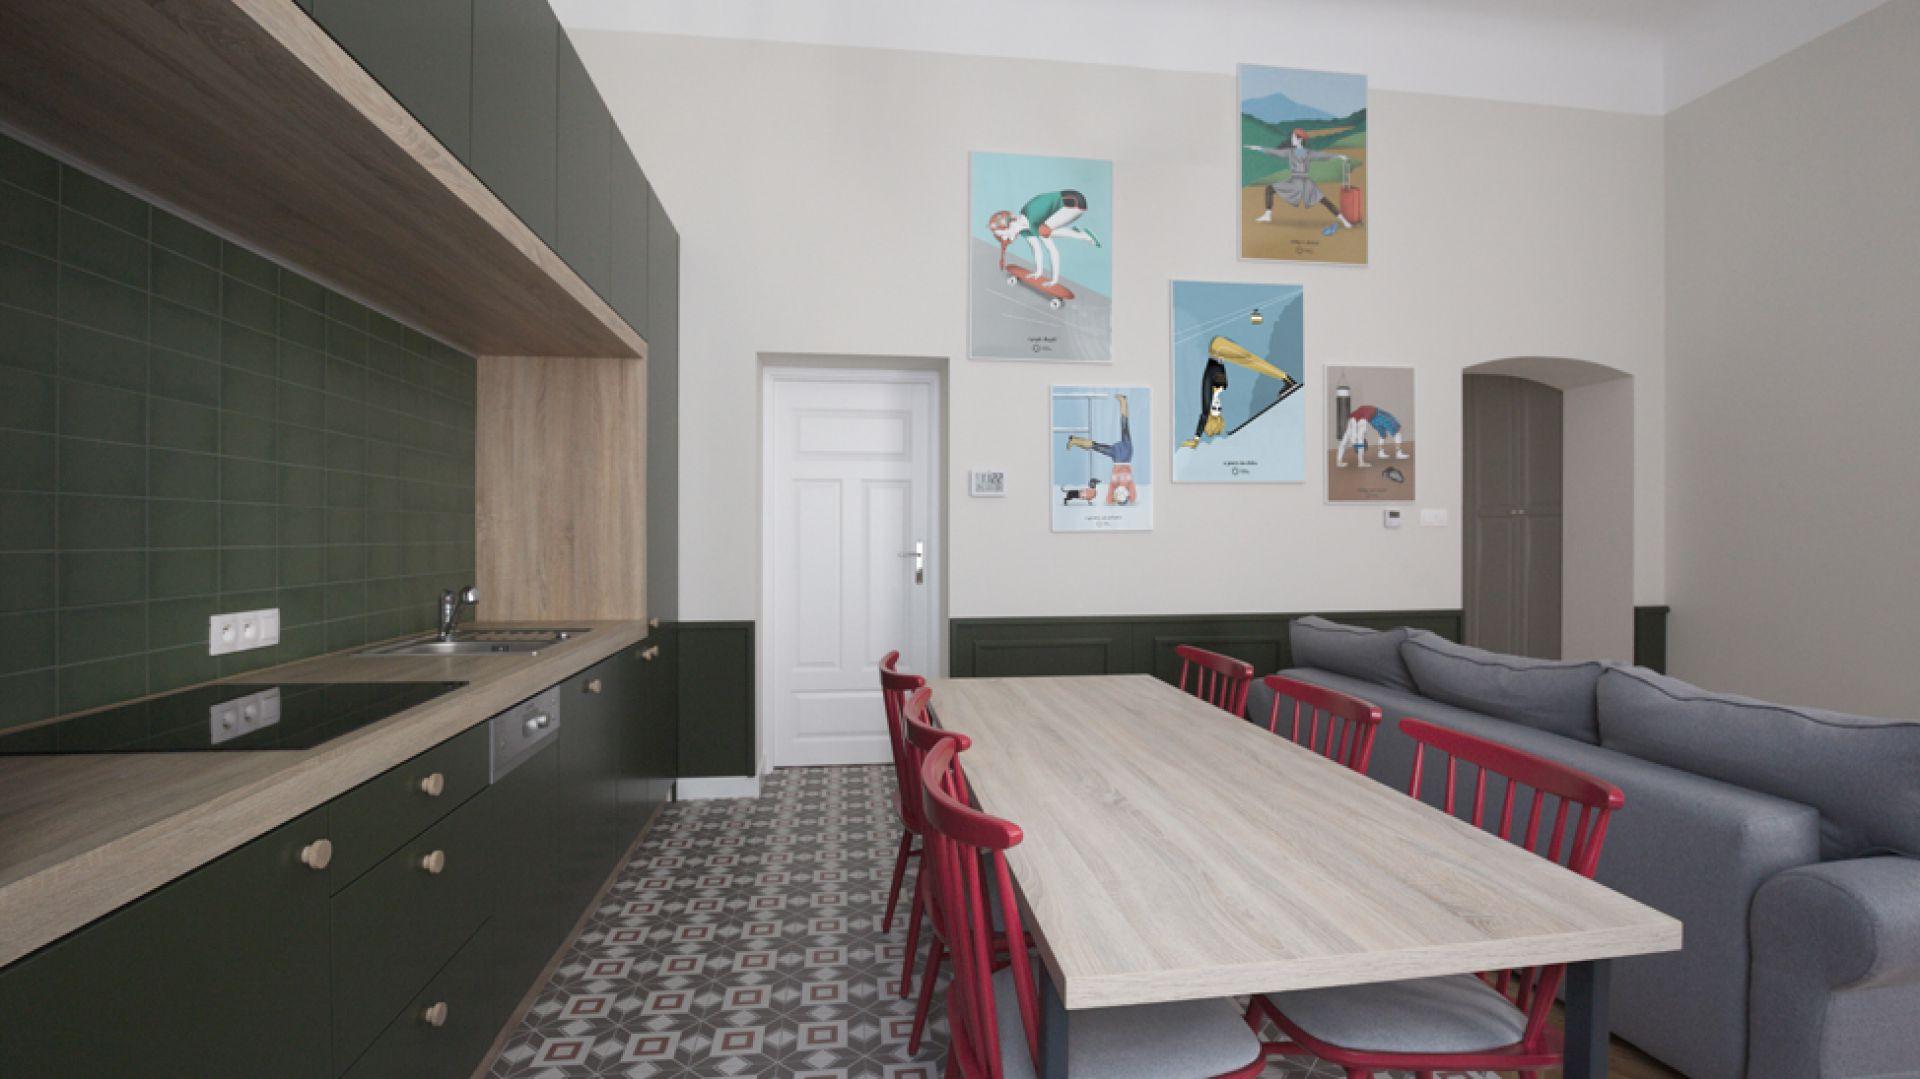 80-metrowy apartament jest usytuowany w zabytkowej kamienicy w samym sercu krakowskiego Starego Miasta - w pobliżu słynnego Zamku Królewskiego na Wawelu i malowniczego rynku. Fot. GRID/Dekorian